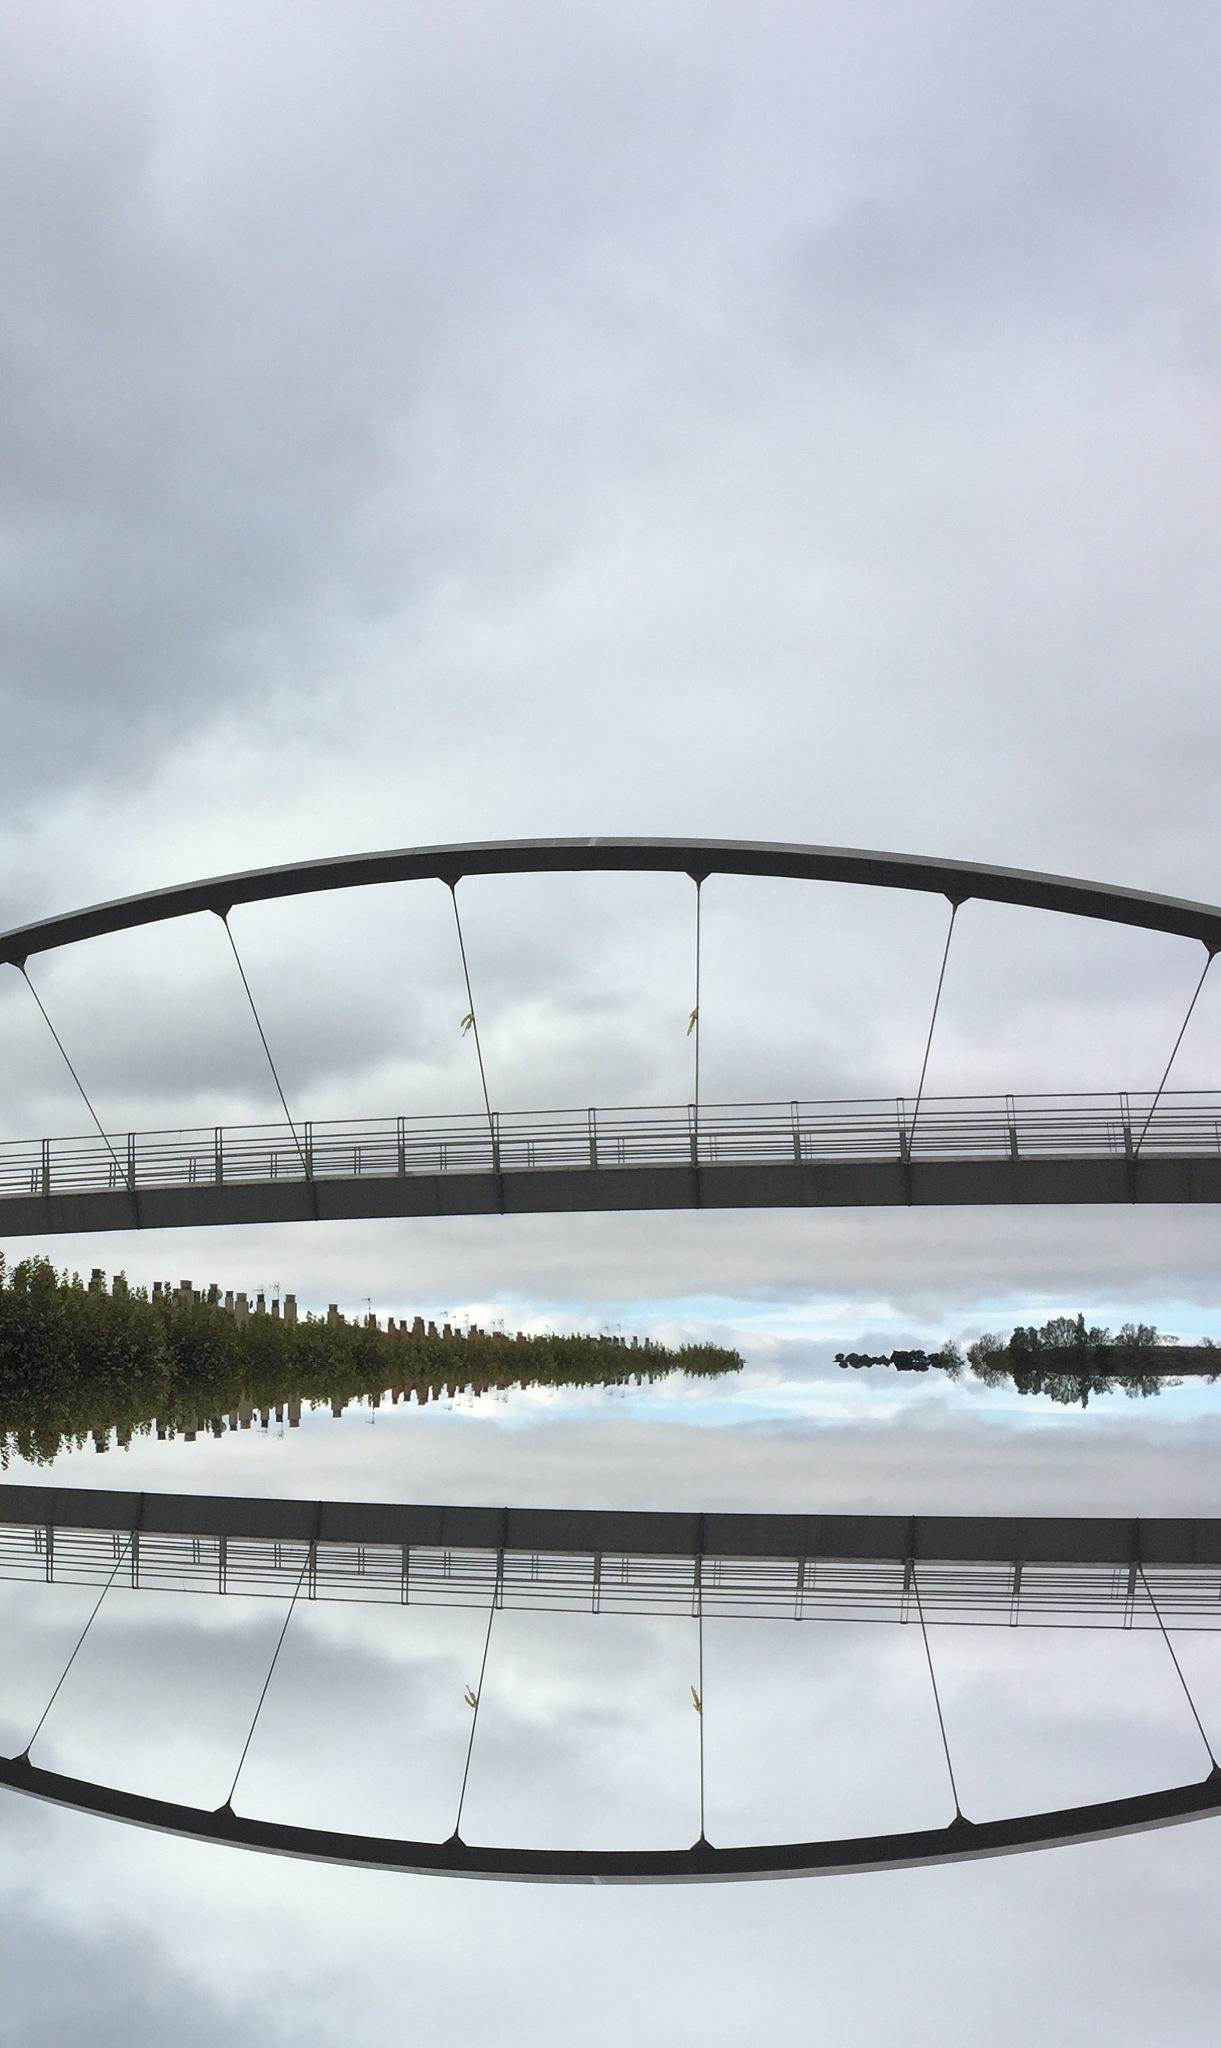 El pont de Sant Fritós de Bages by Lluís photos